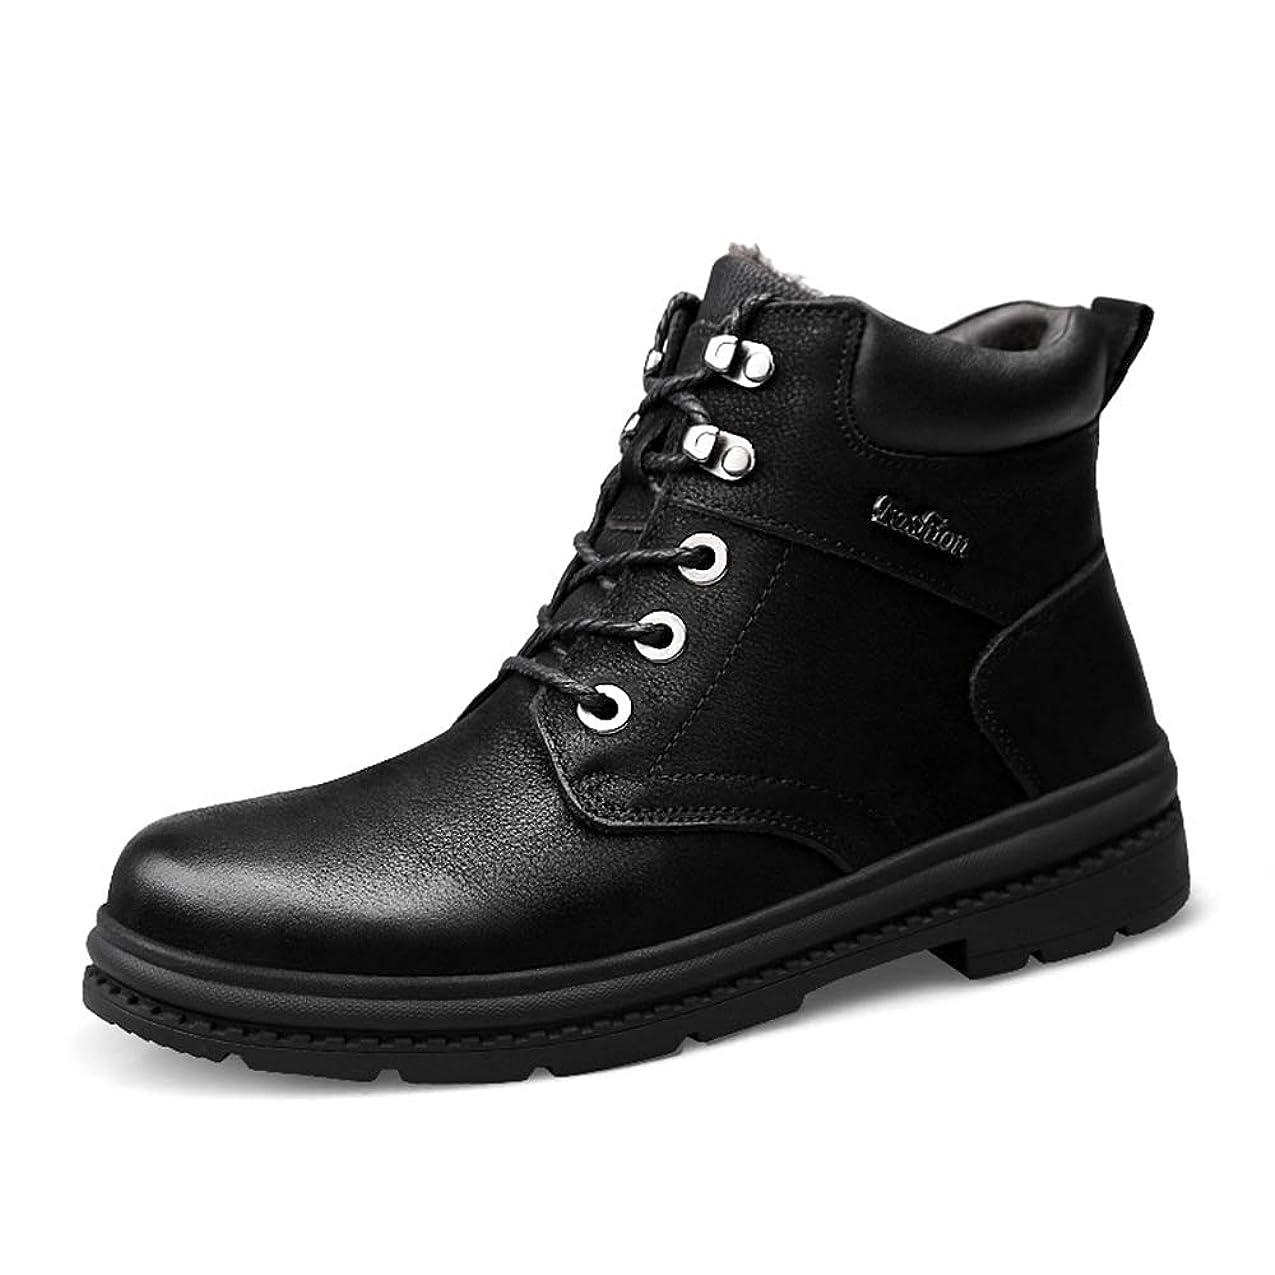 賃金回転する健康的靴メンズファッション足首作業ブーツカジュアル冬快適な防水フリース内側暖かいハイトップブーツ